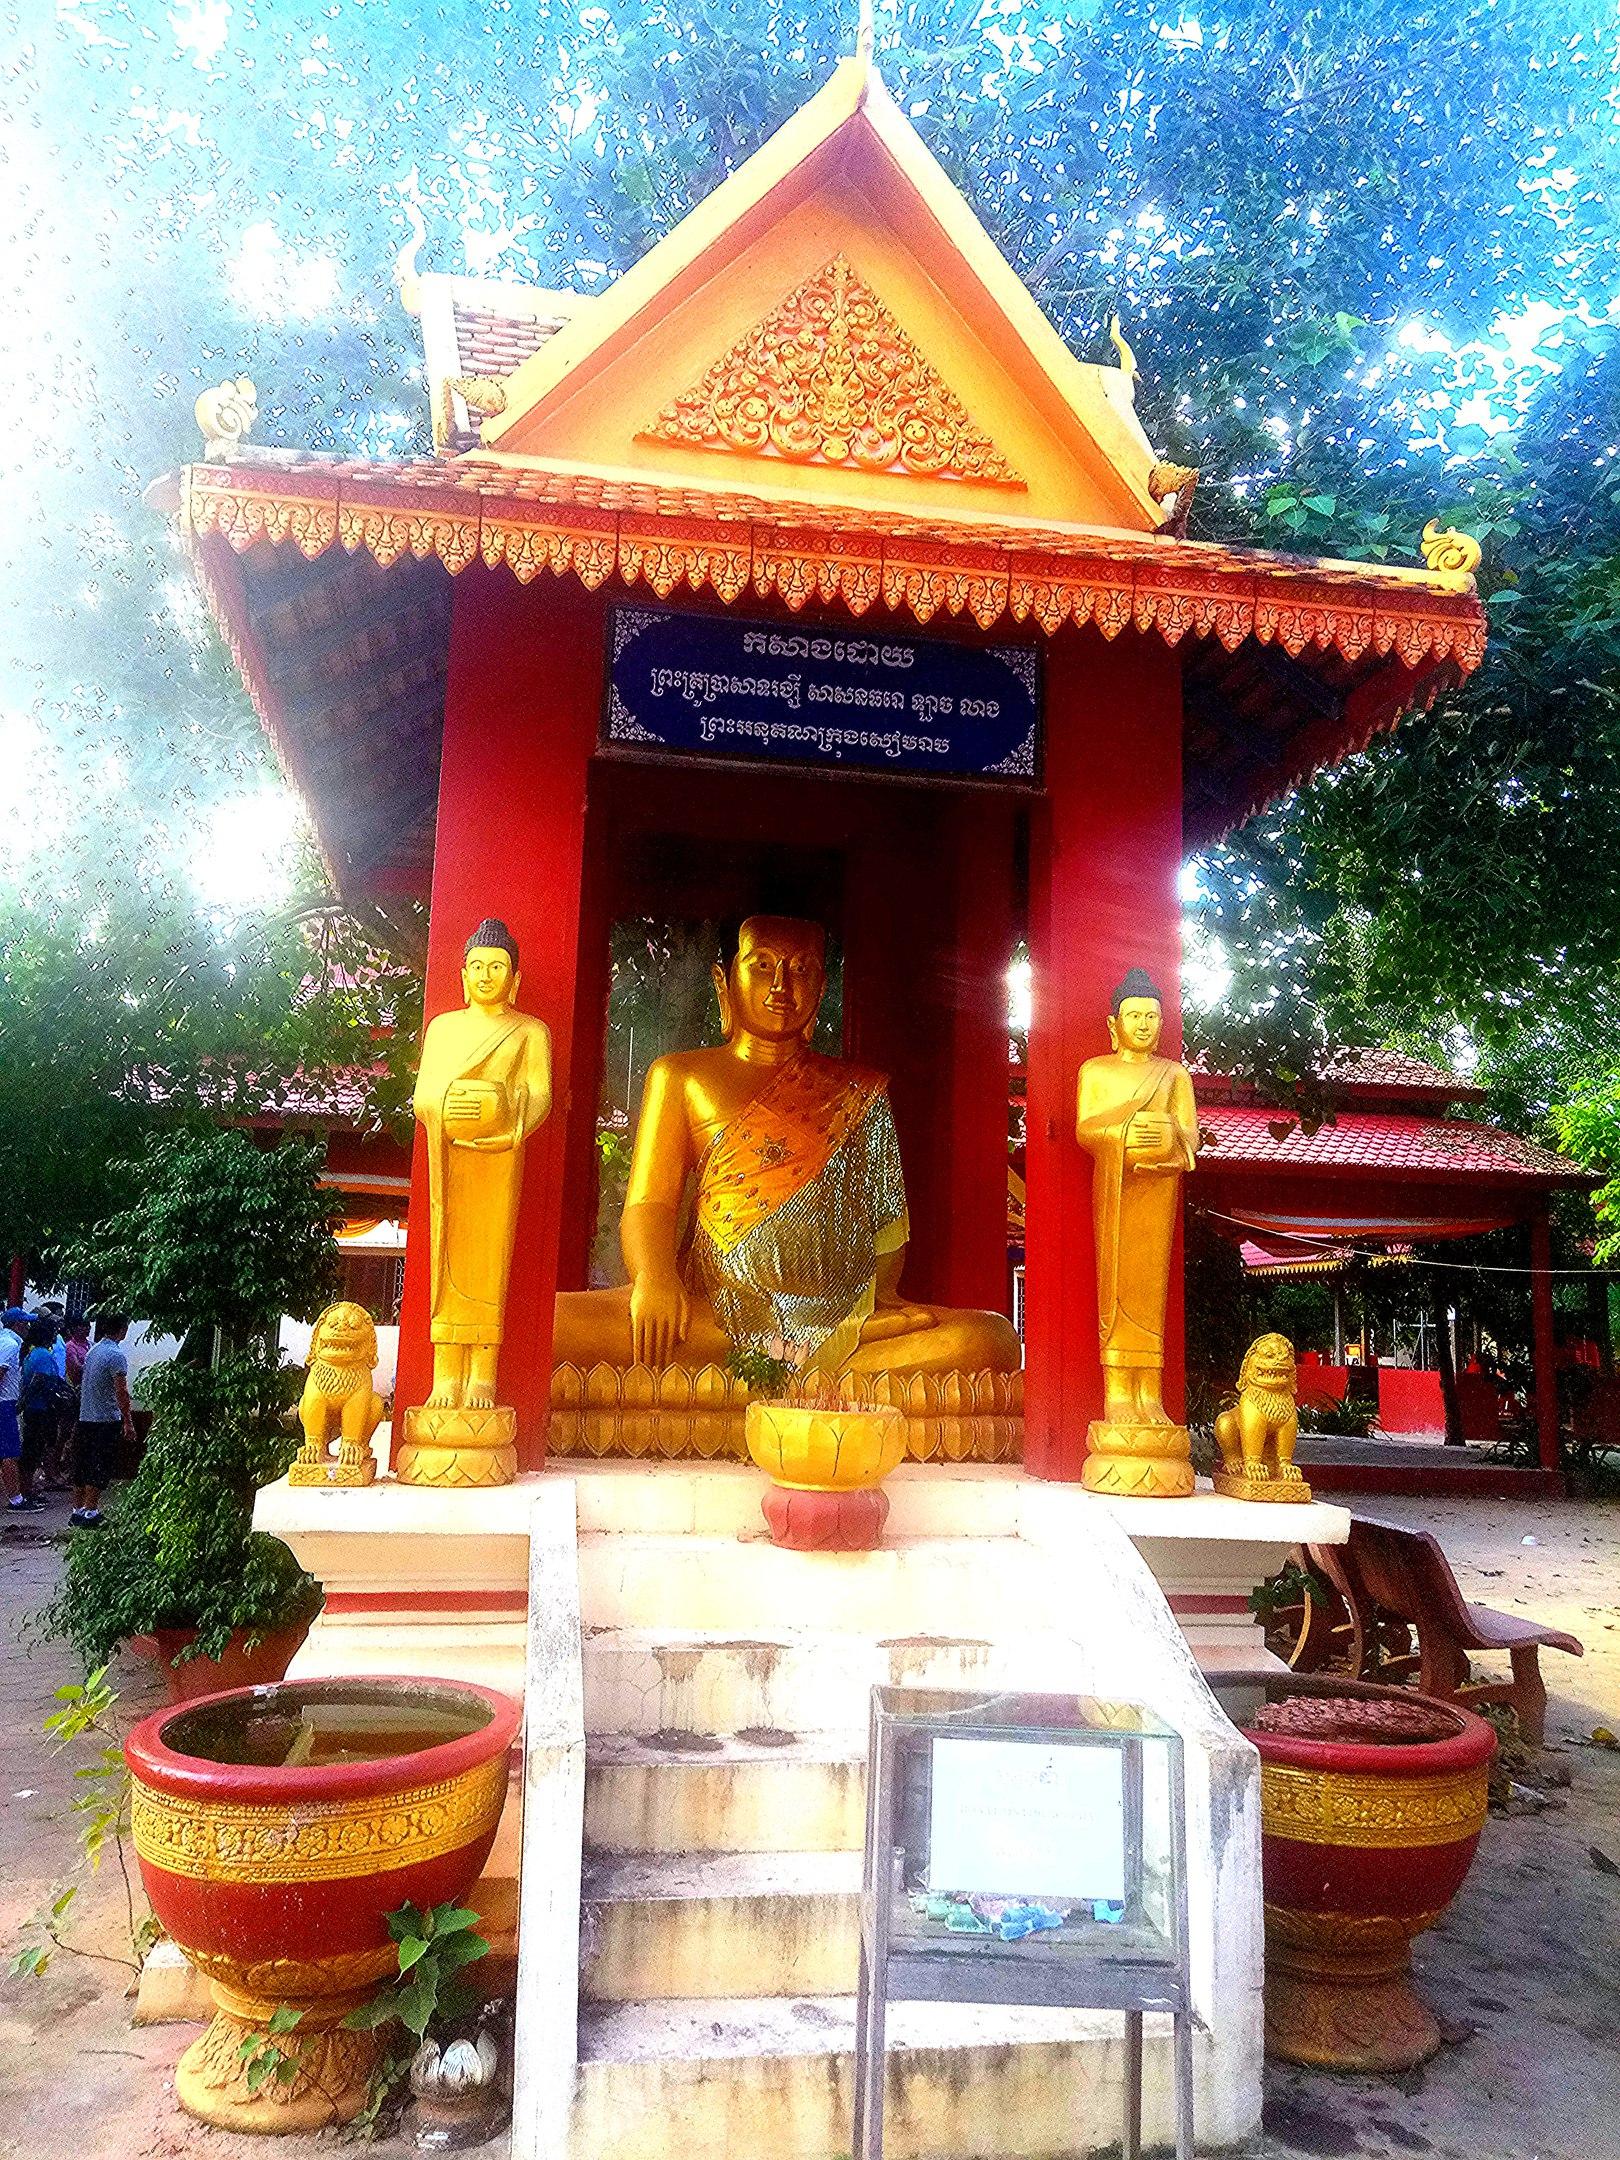 travel - Елена Руденко (Валтея). Камбоджа. Сием Рип. P_U9uo3LlsE